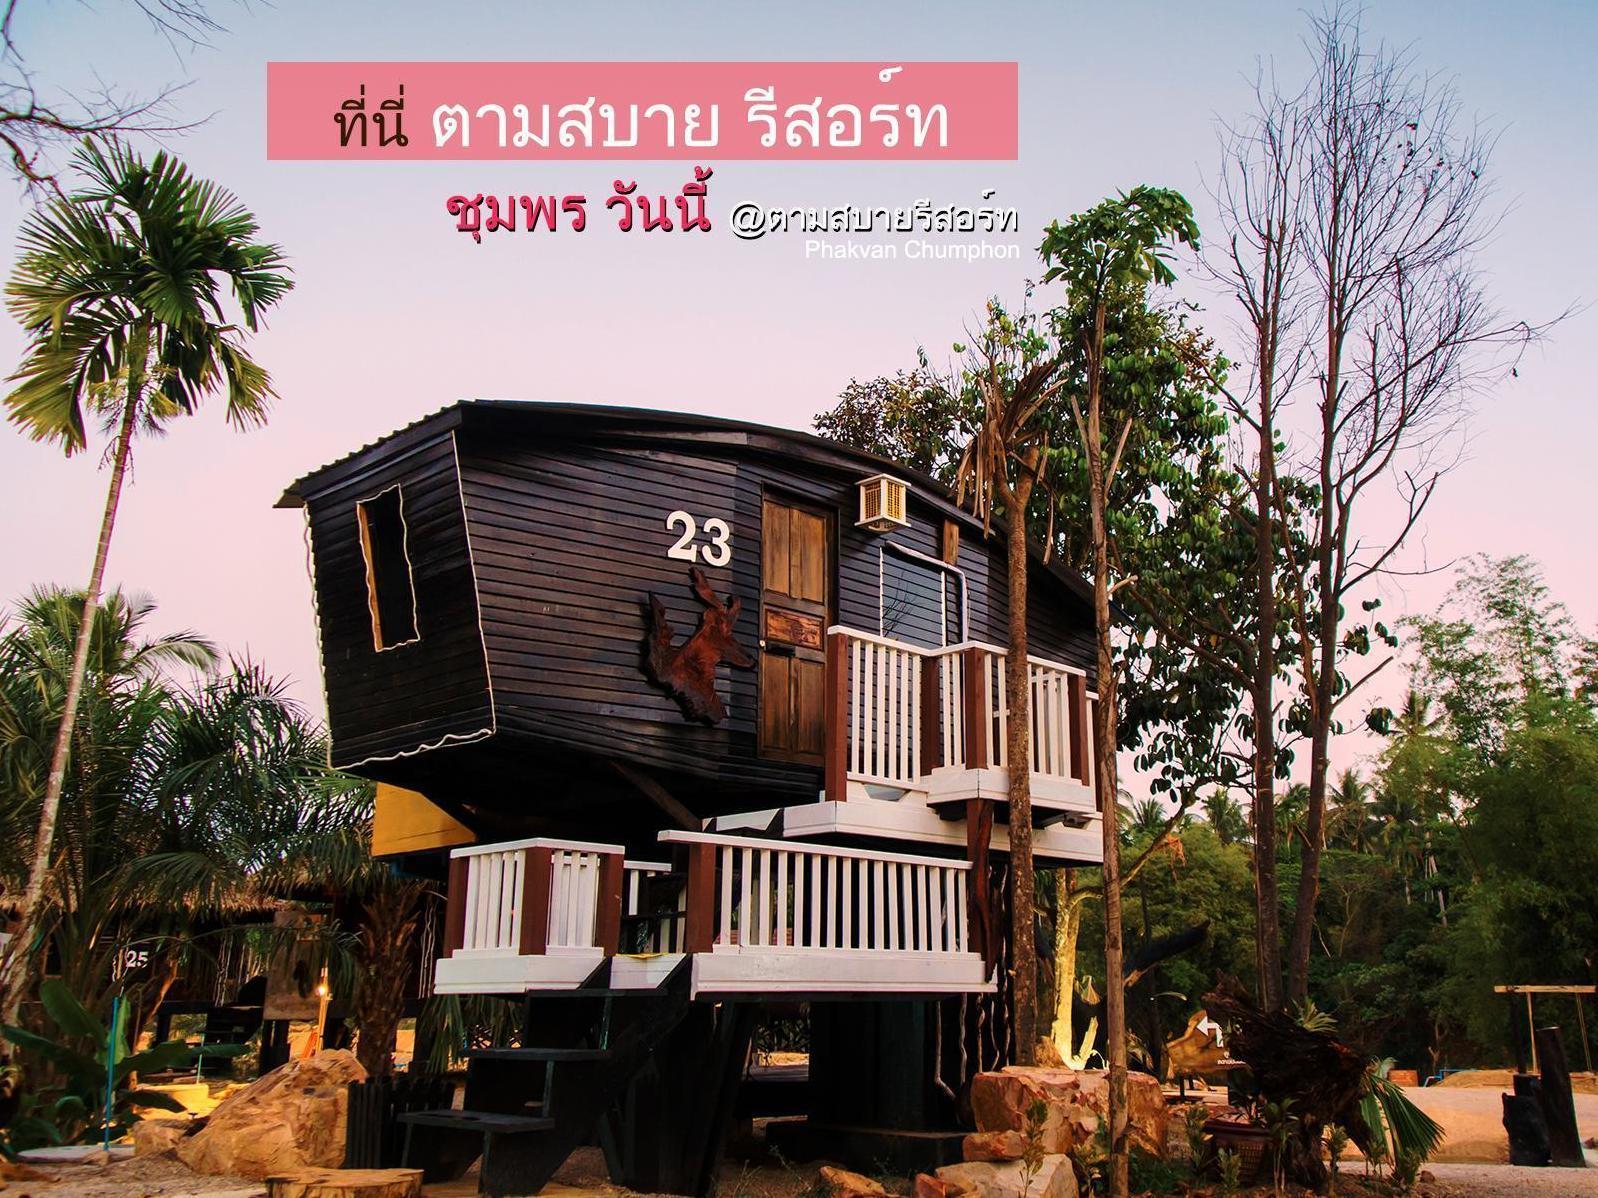 Tamsabai Resort - Chumphon